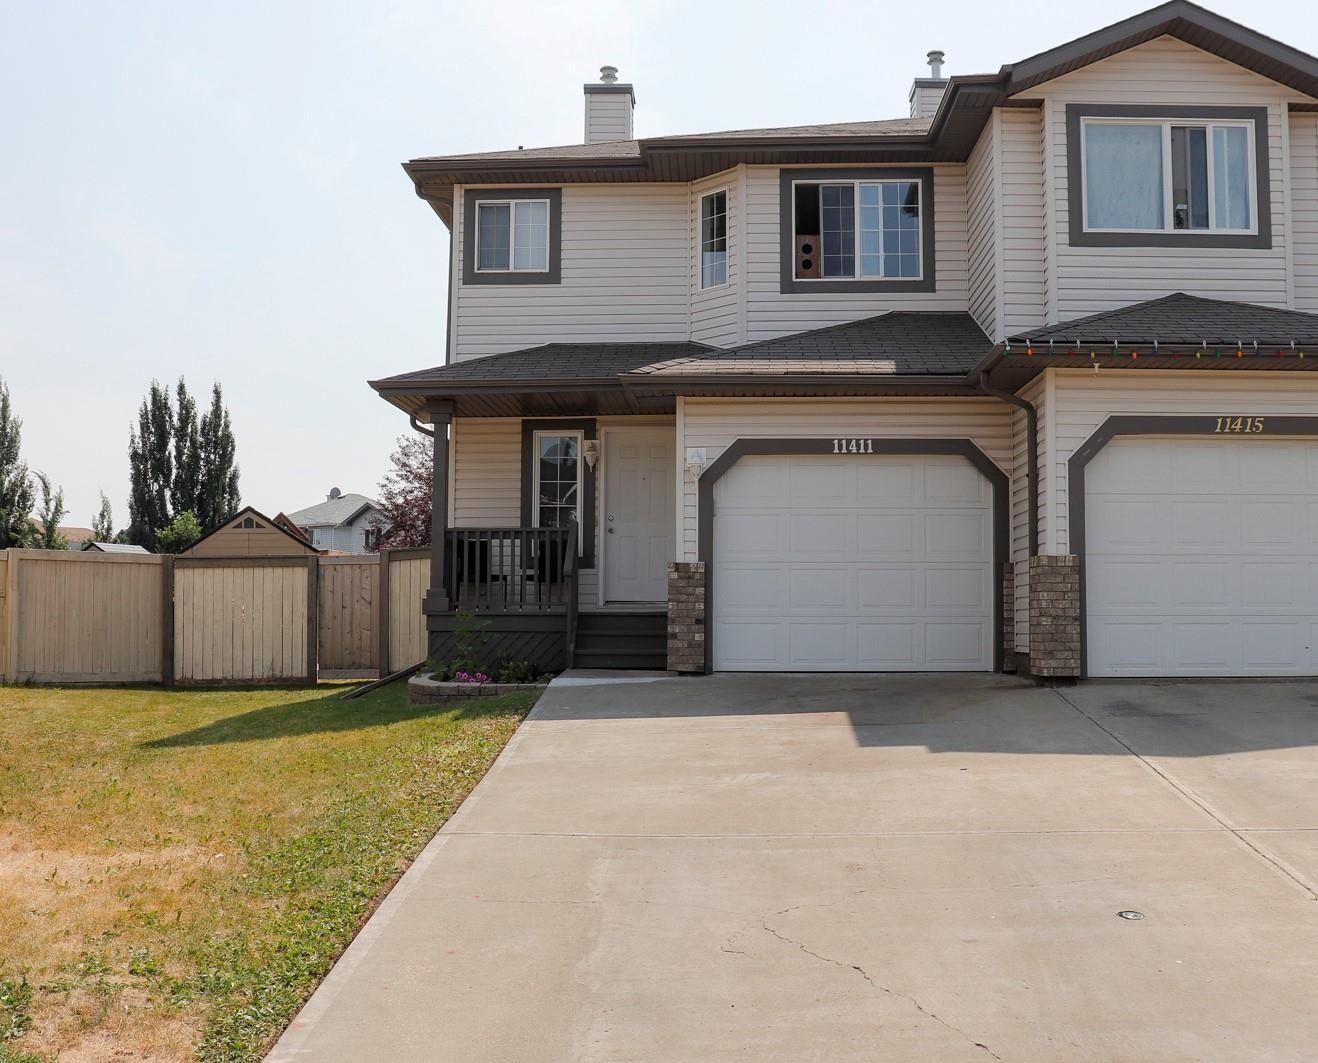 Main Photo: 11411 169 Avenue in Edmonton: Zone 27 House Half Duplex for sale : MLS®# E4254972